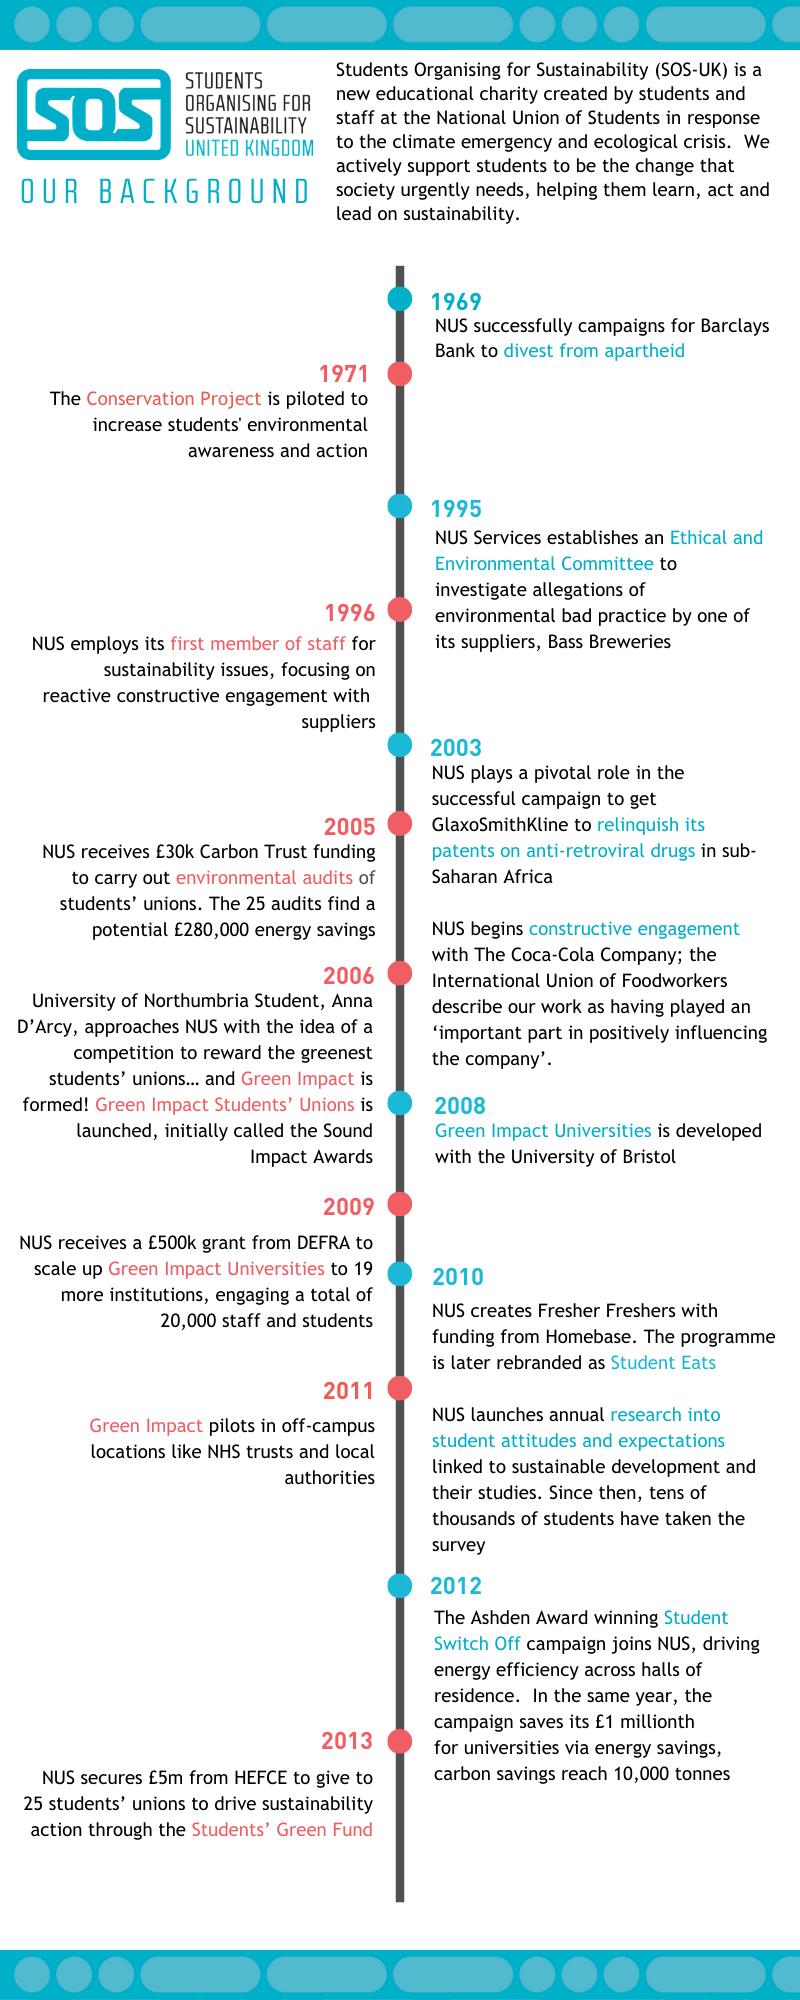 Image of SOS-UK timeline